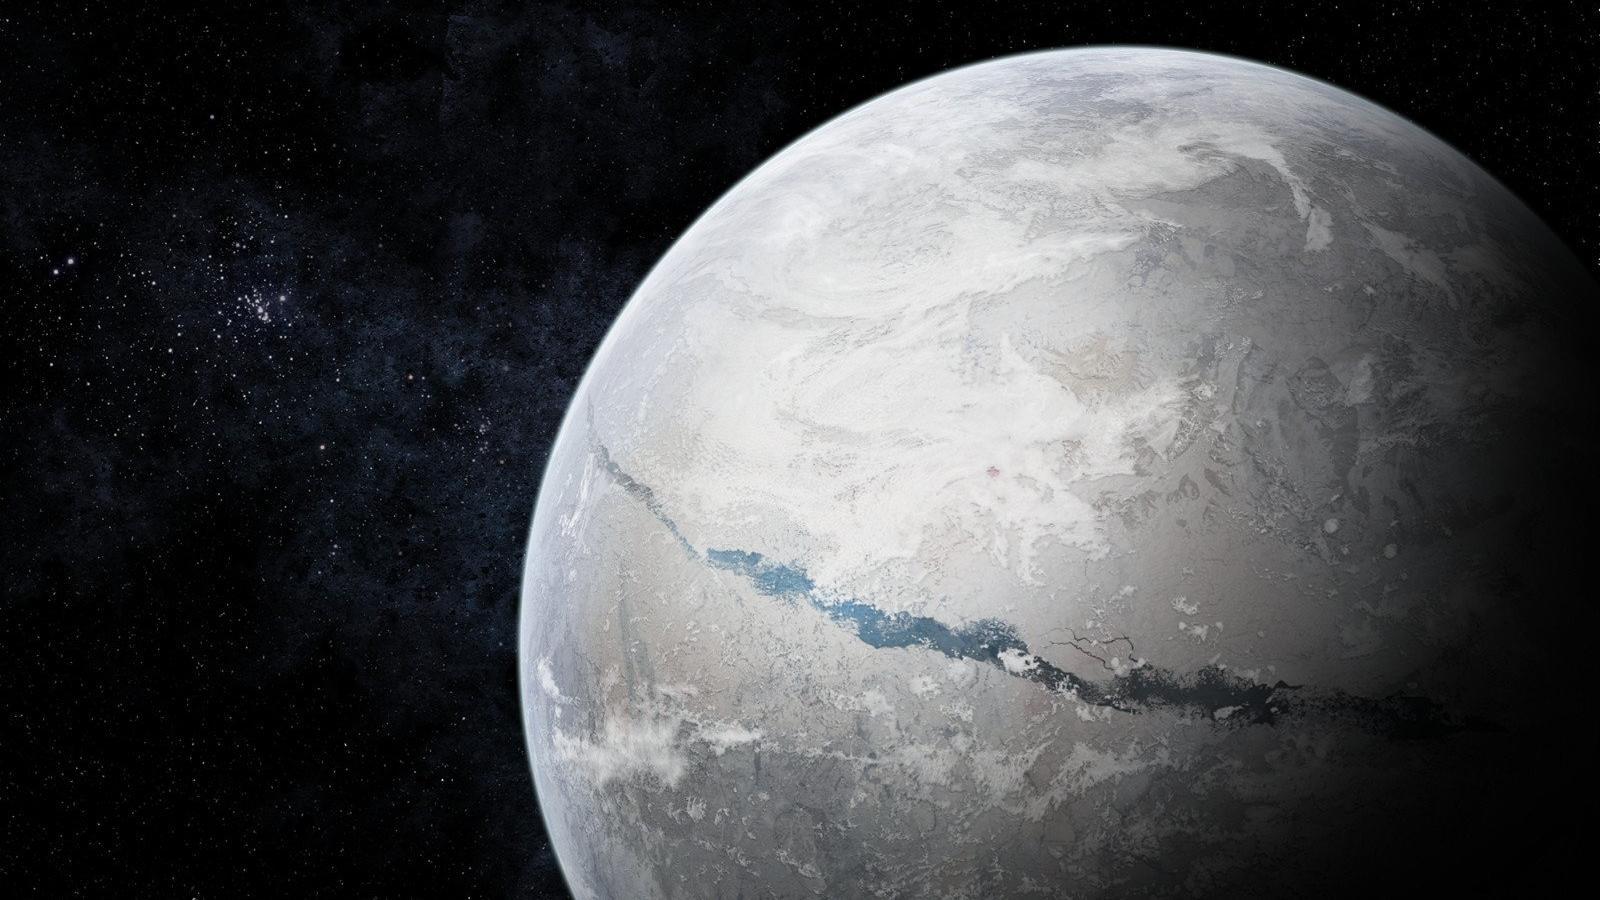 Планеты земного типа могут обладать встроенным ликвидатором сложной жизни